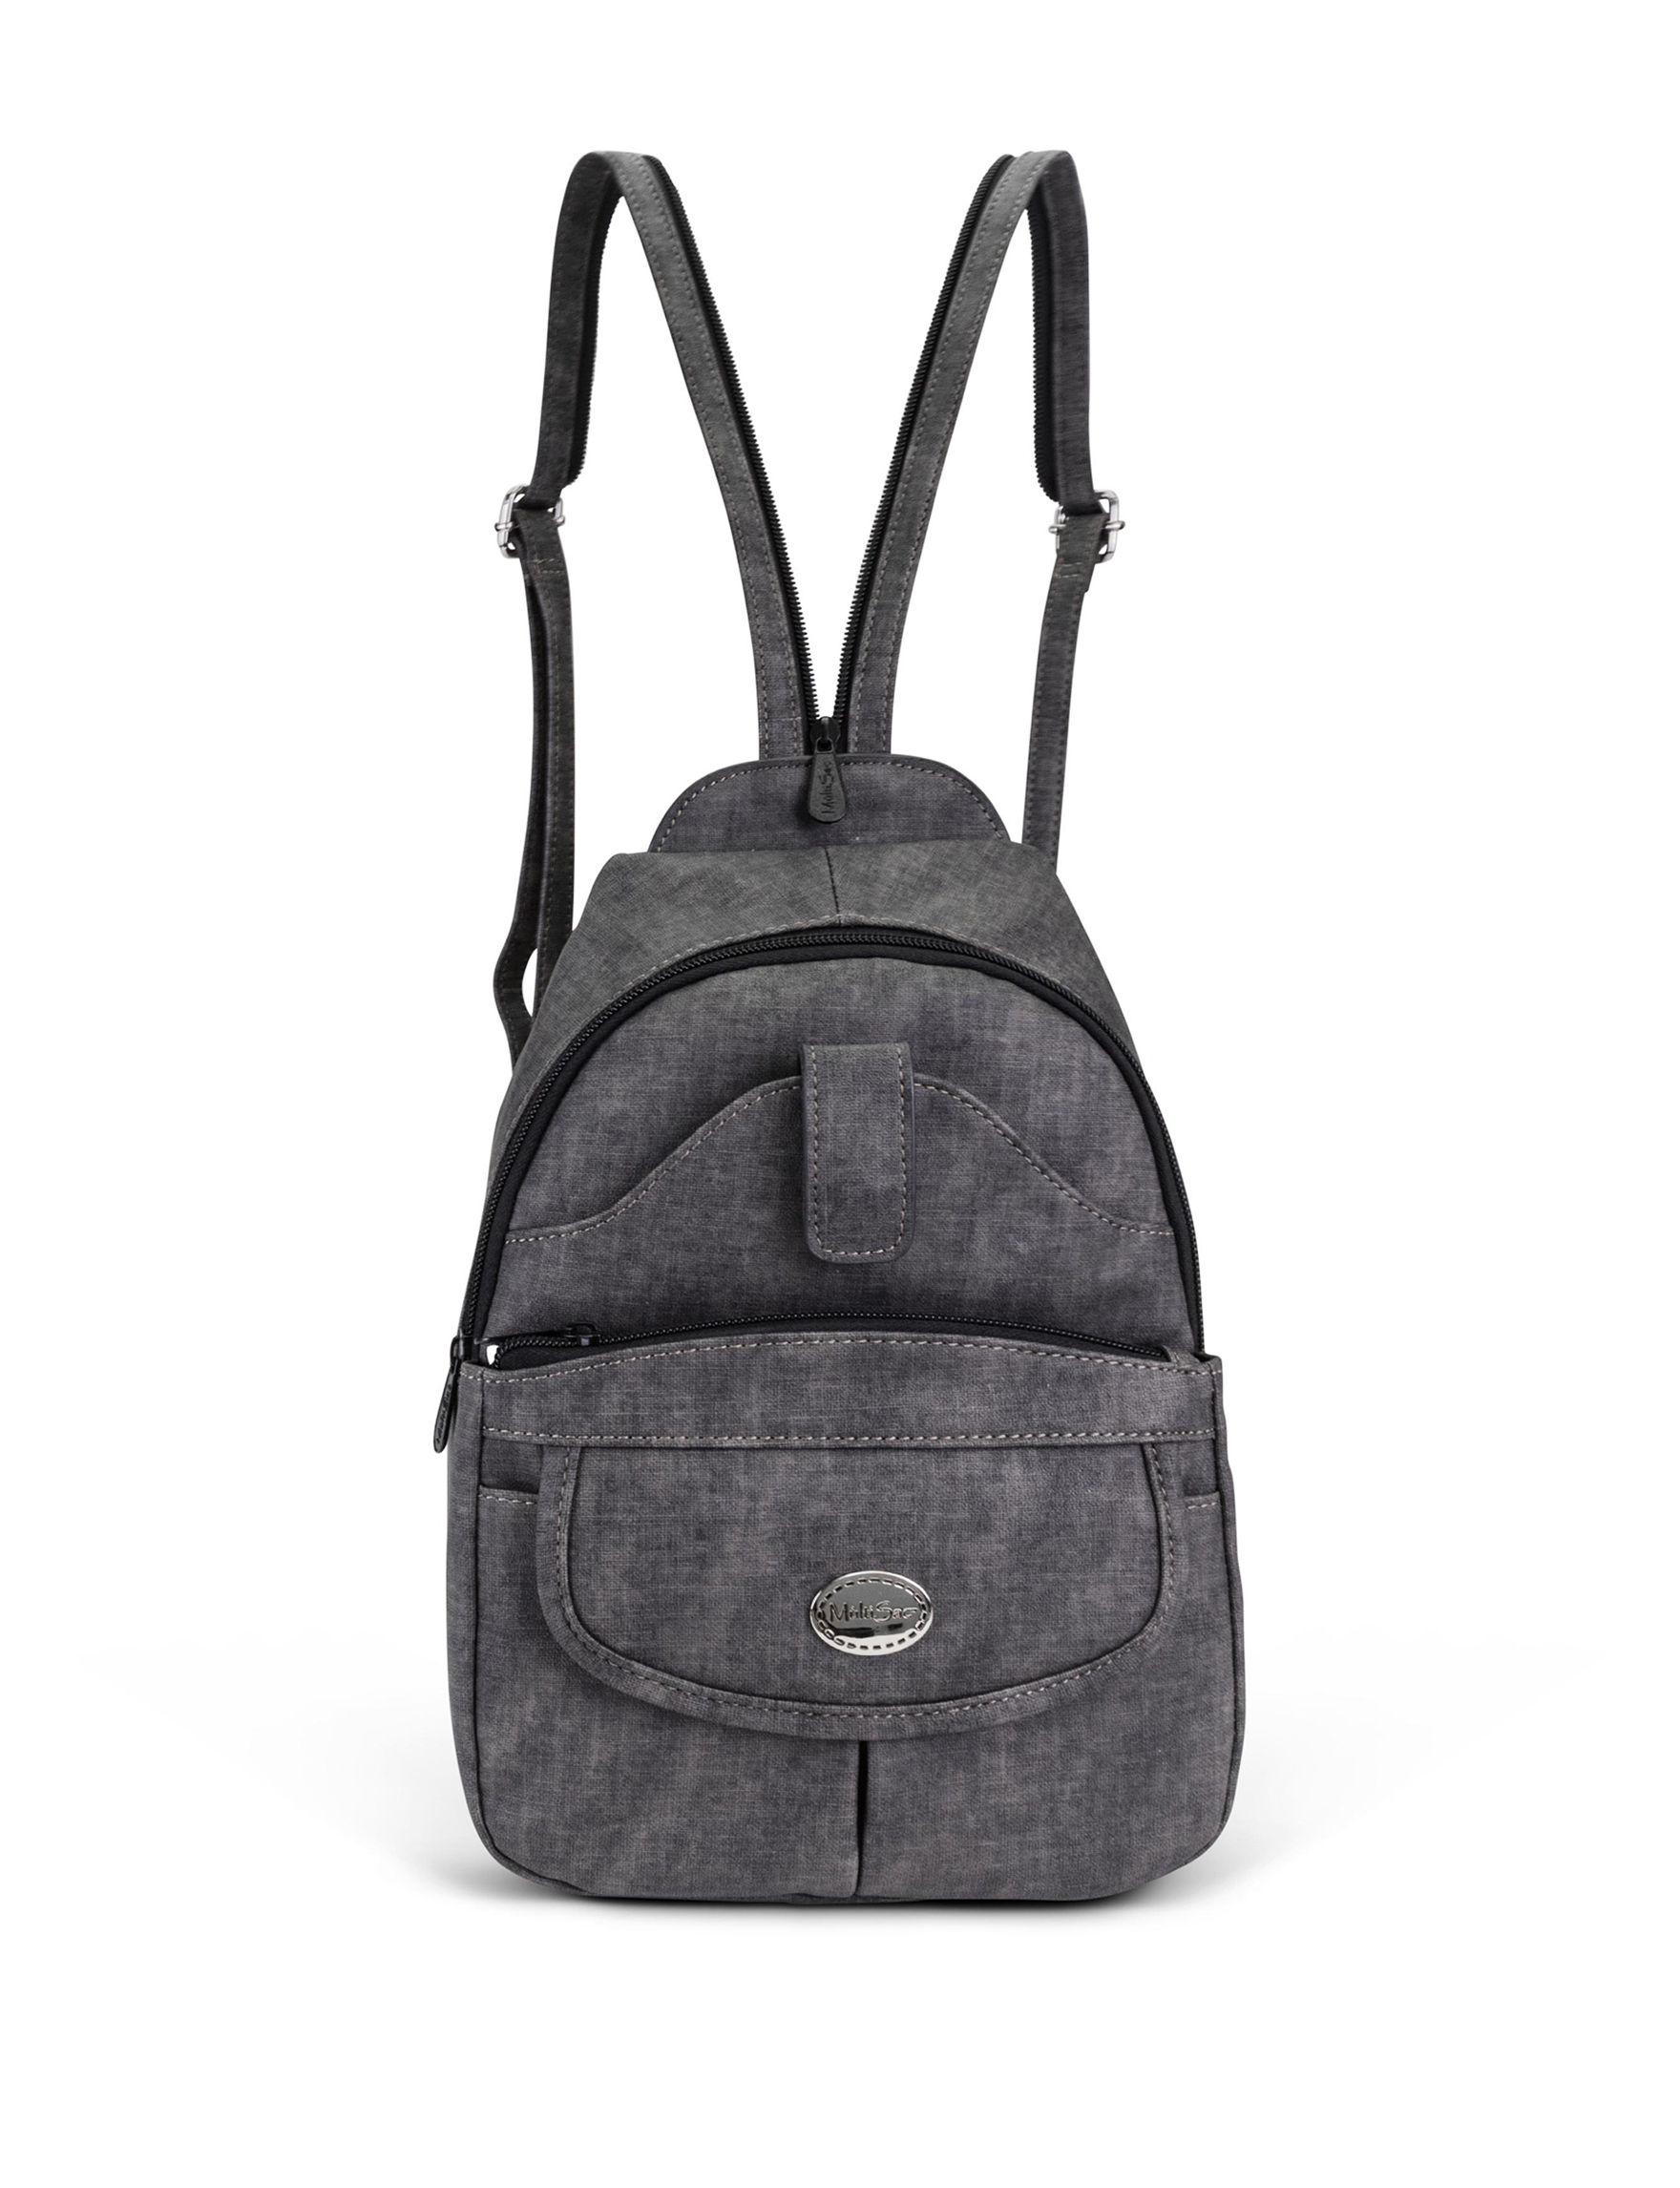 Koltov Heather Black Bookbags & Backpacks